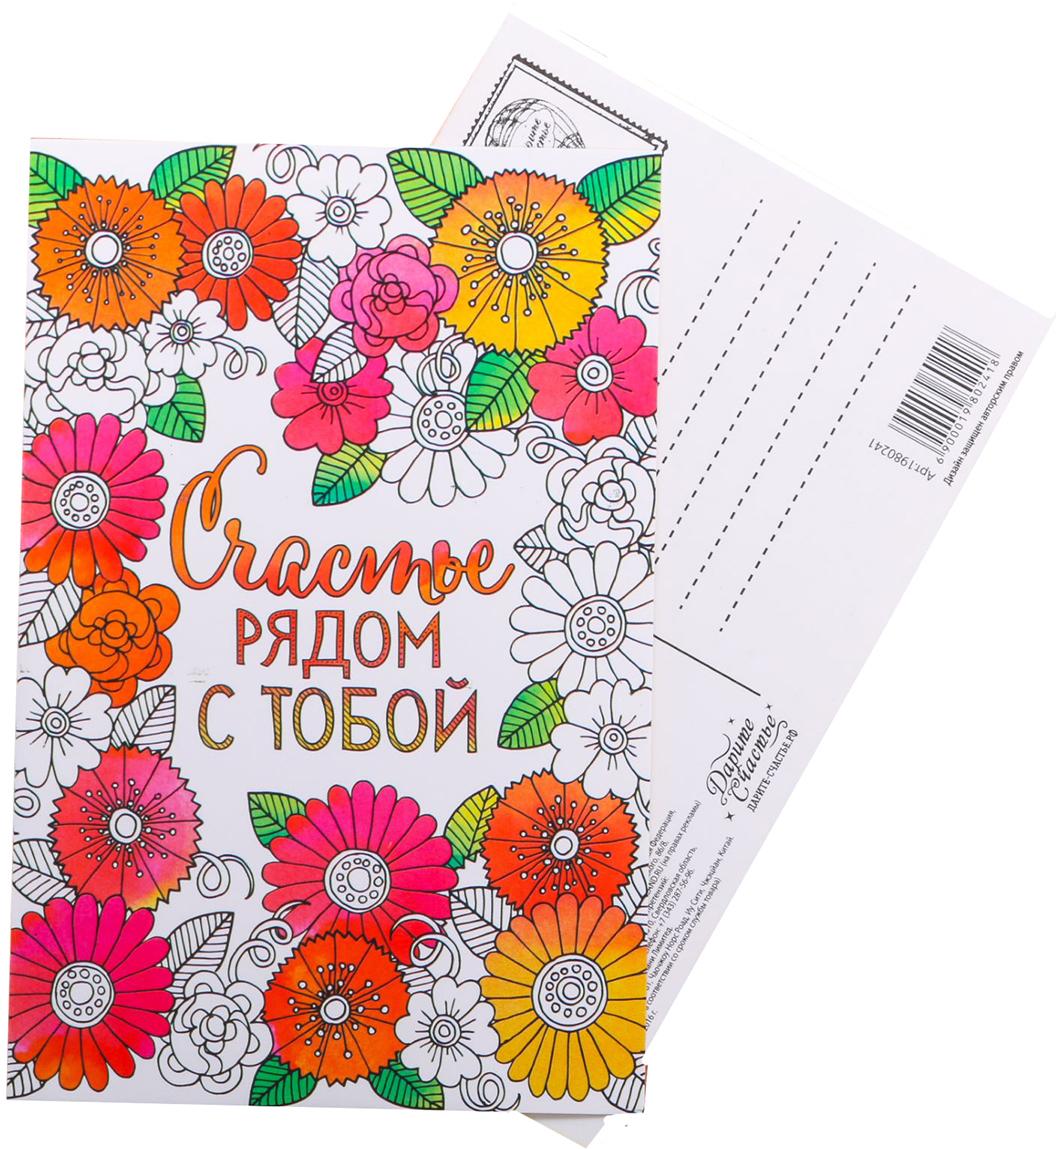 Открытка Дарите Счастье Счастье рядом с тобой, 10 х 15 см открытка хочун именинник 10 х 15 см